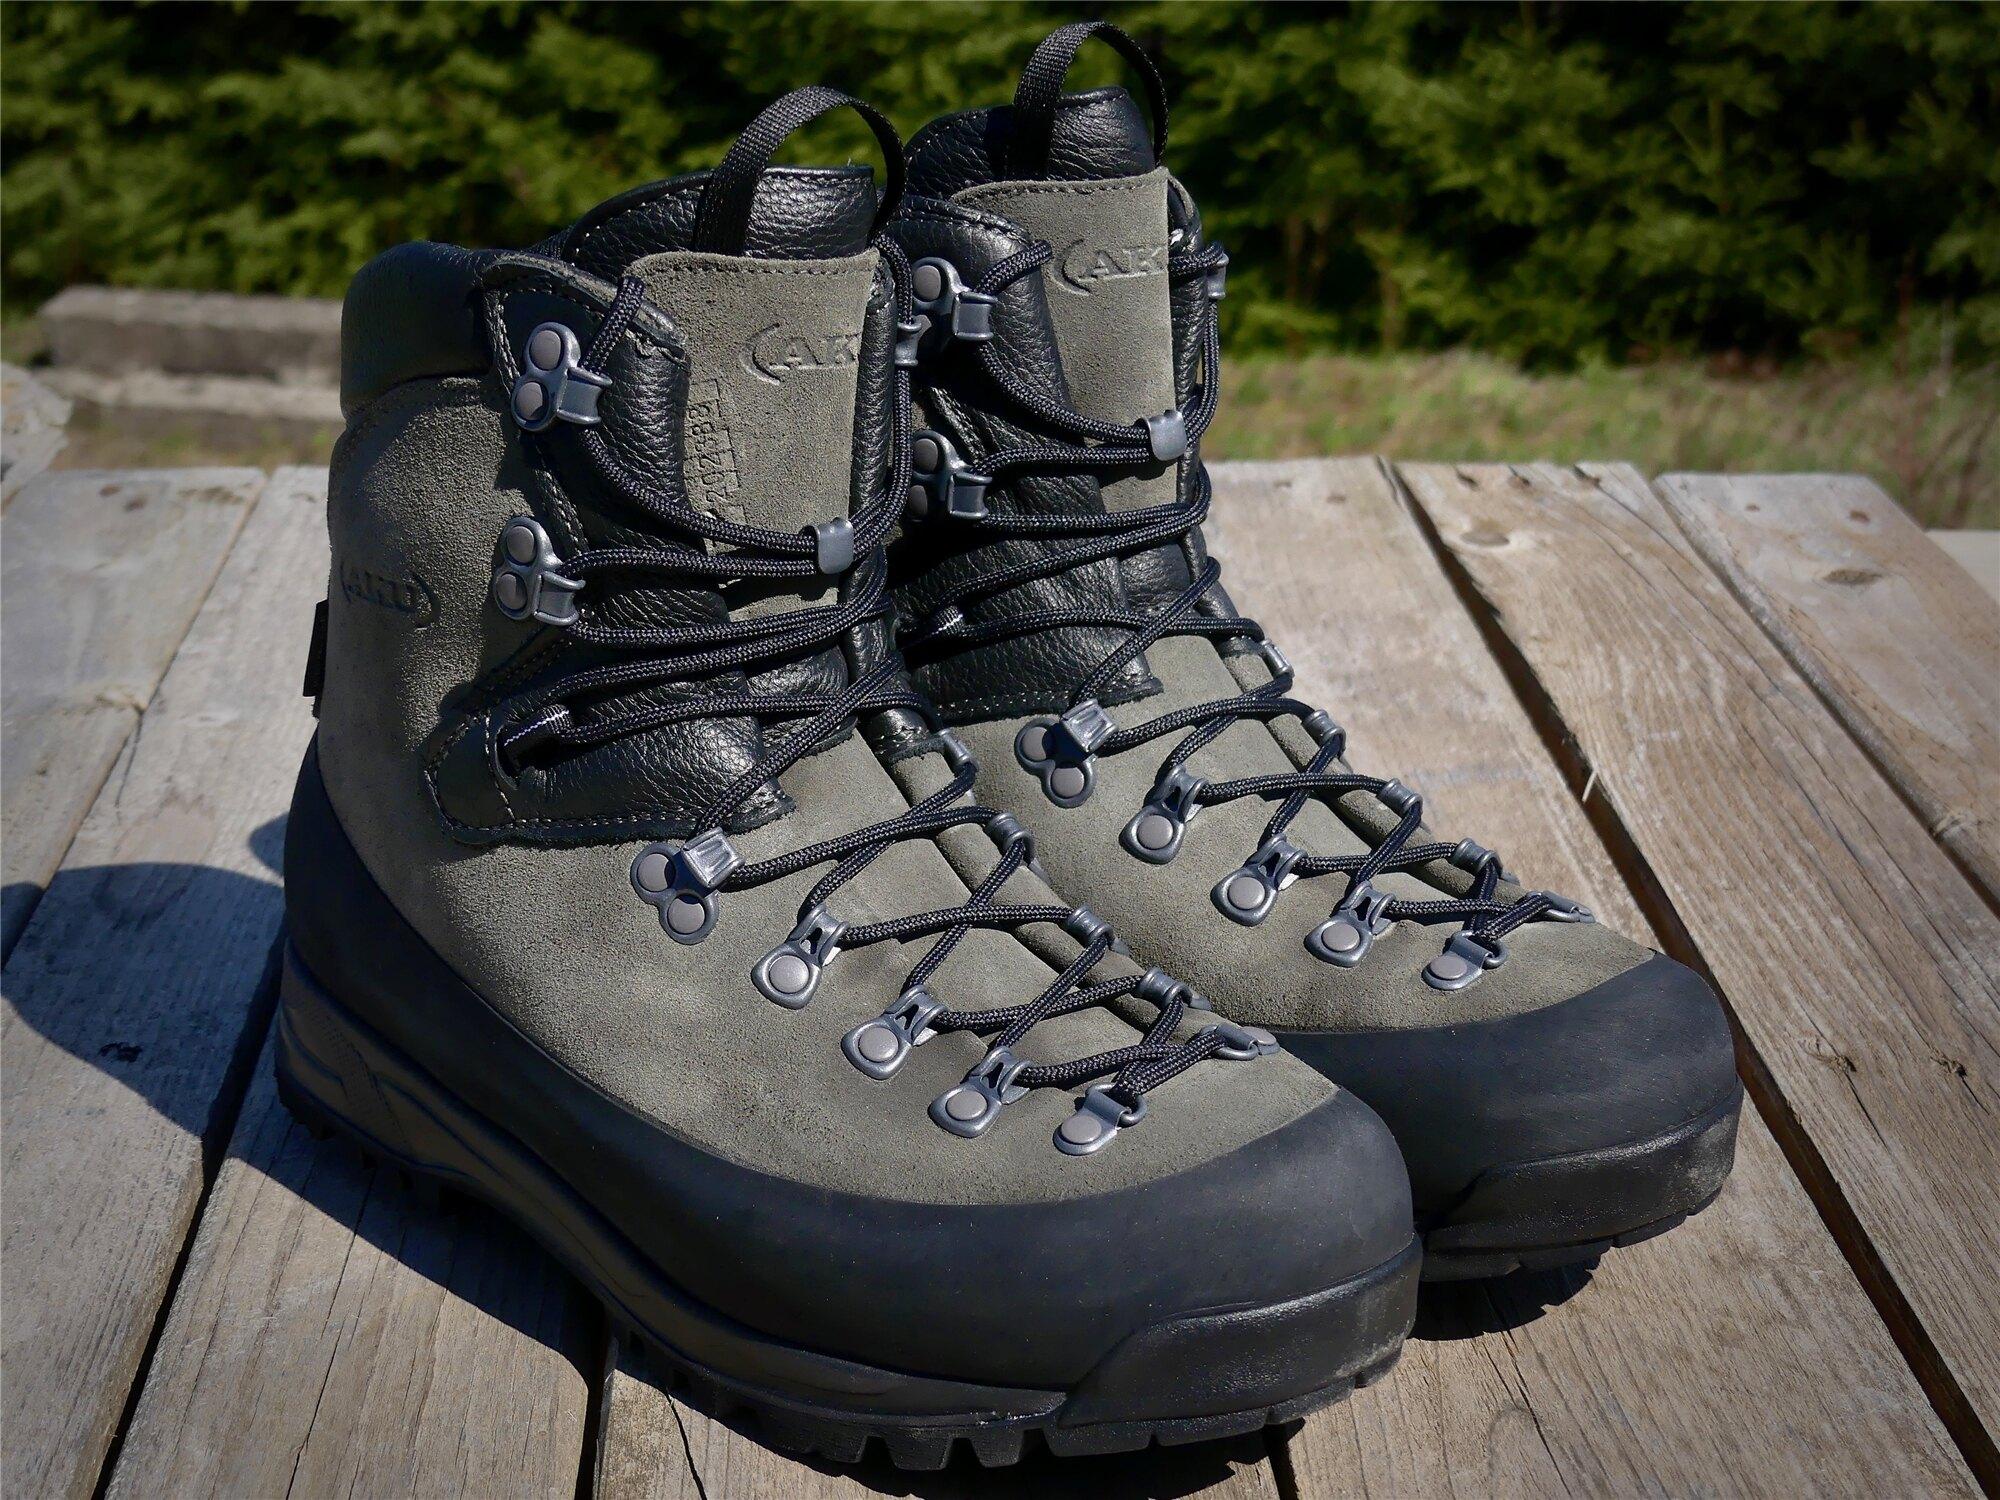 Topánky AKU Tactical® KS Schwer 14 GTX® N - dark grey (Veľkosť: 41 (EU))